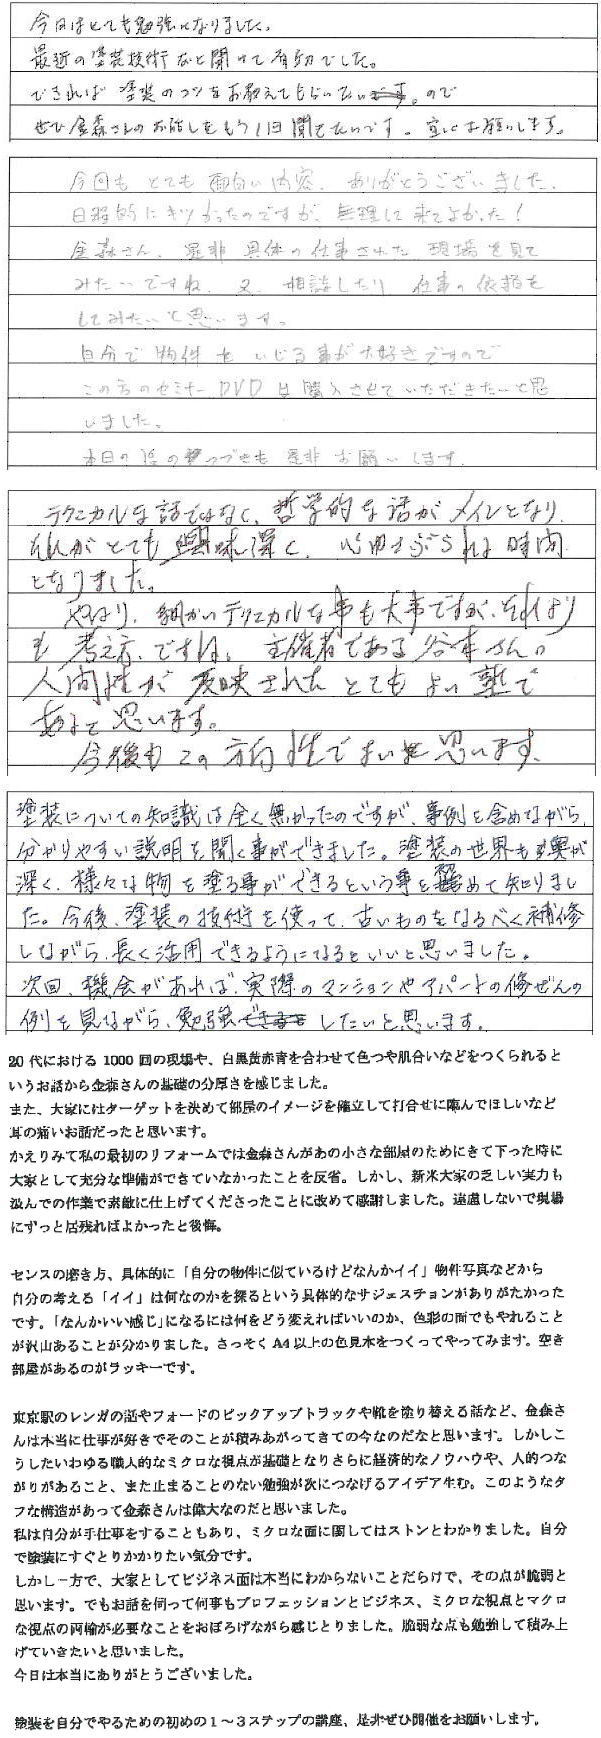 image_kanso_31.jpg